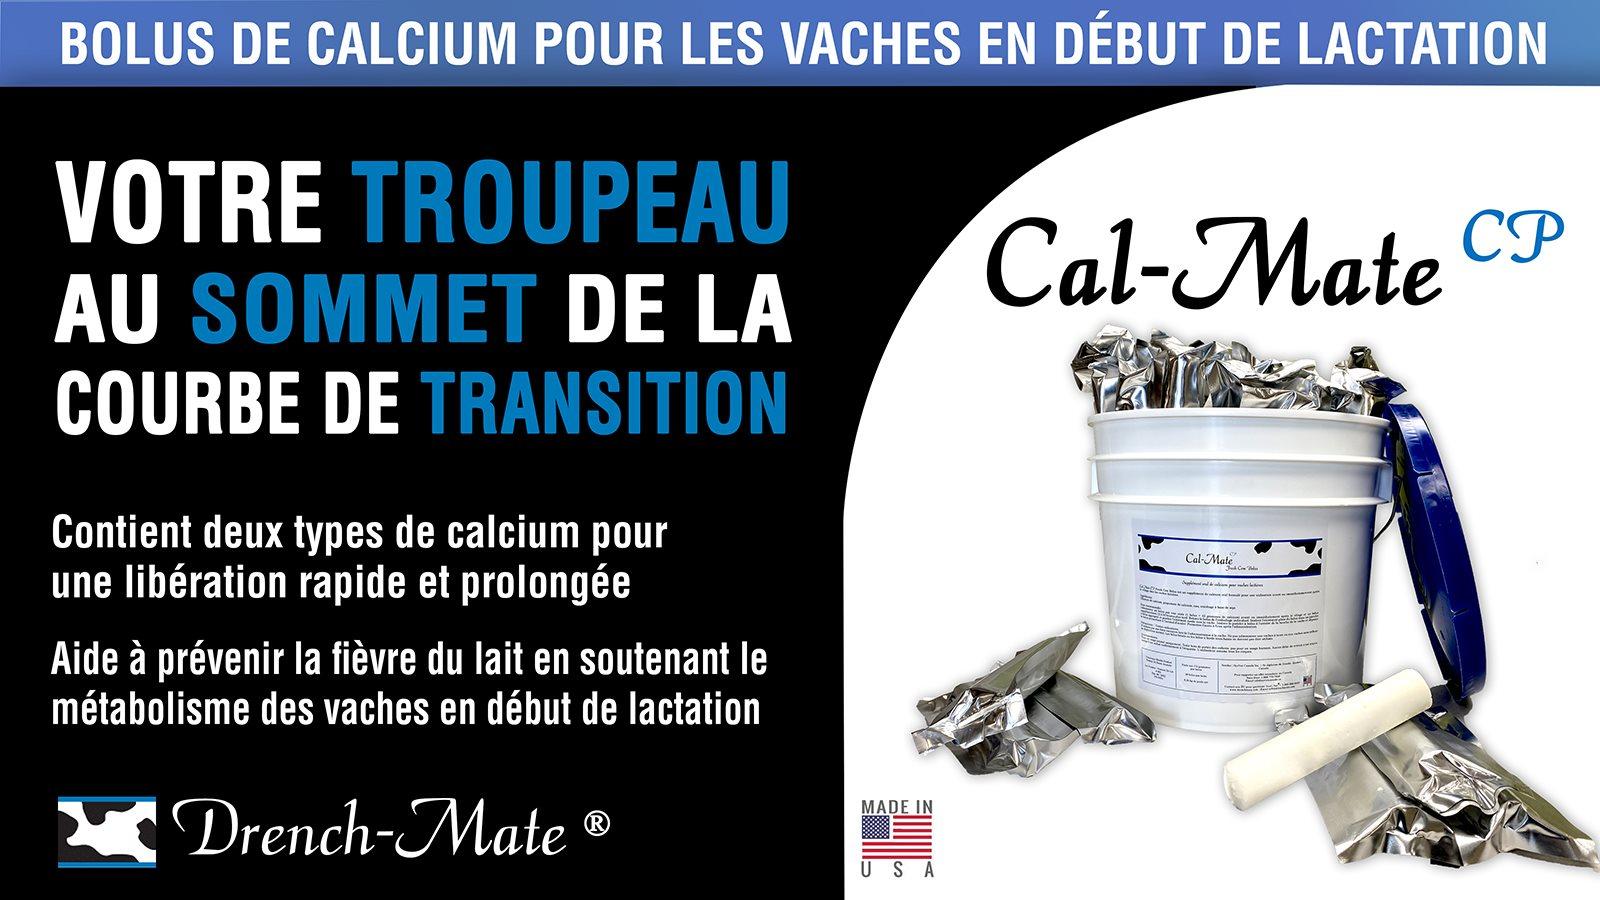 CAL-MATE CP  |  Bolus de calcium